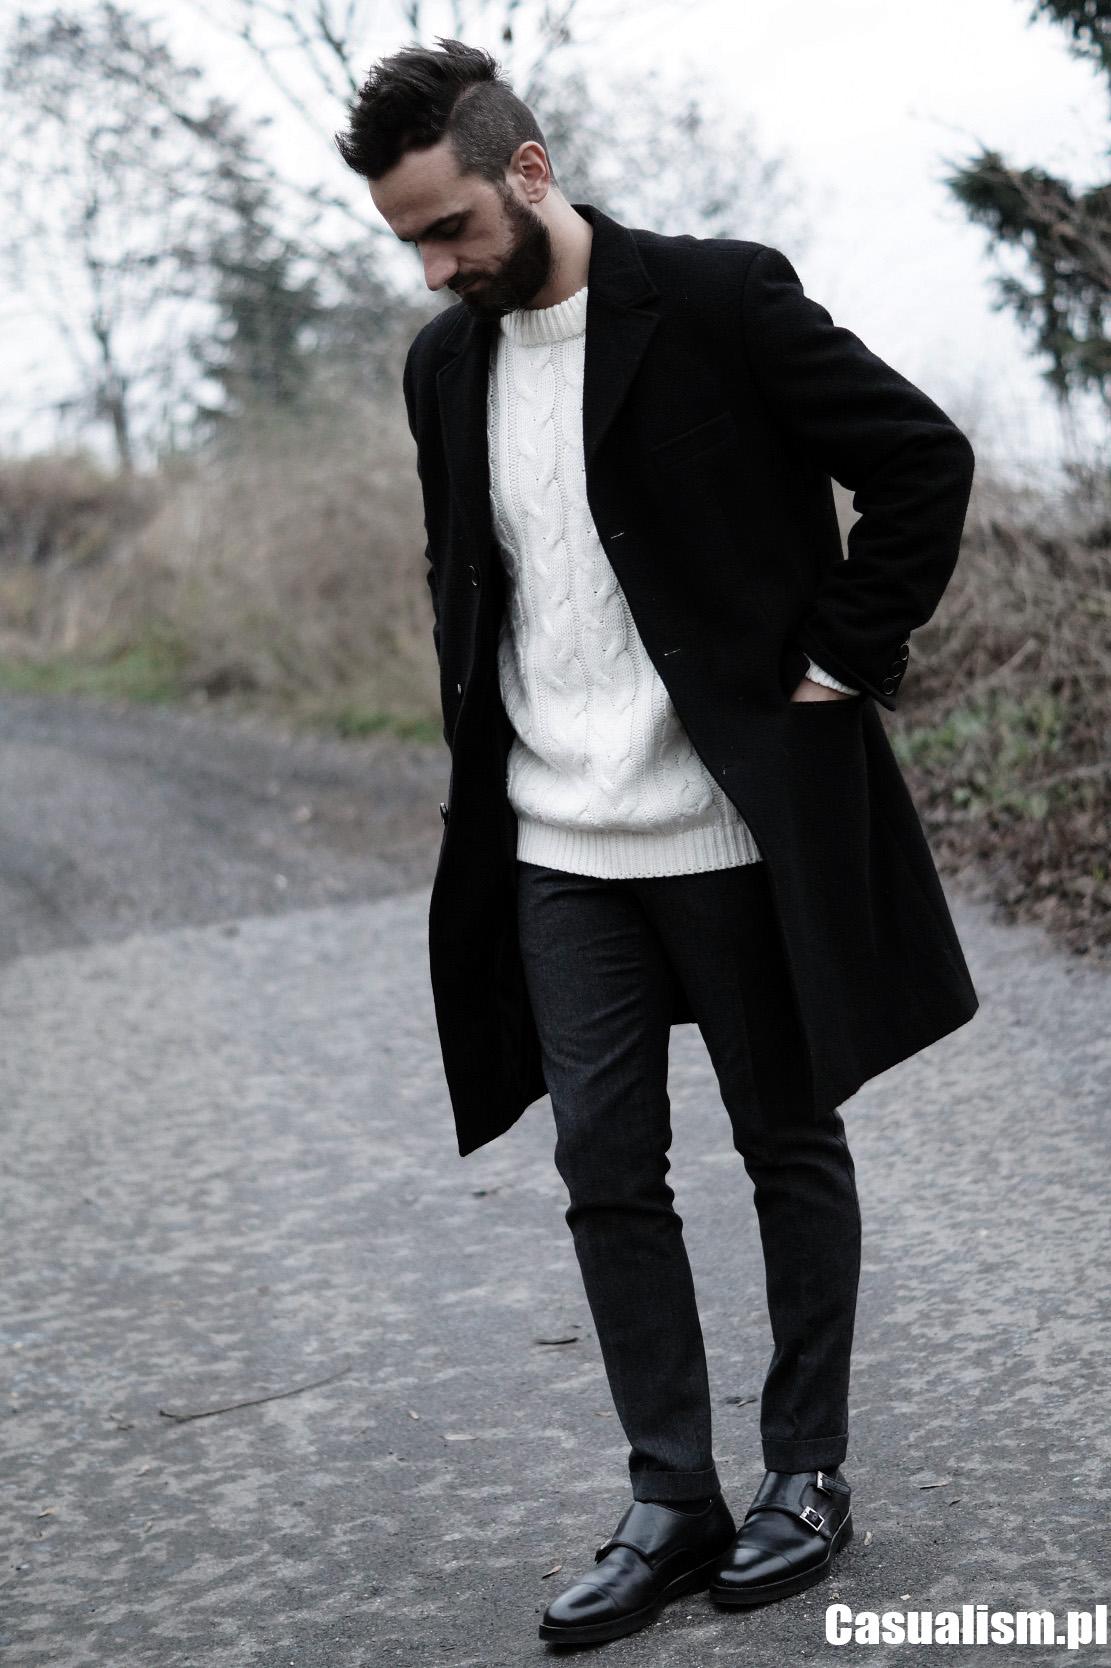 Płaszcz męksi to super pomysł na modna stylizację. Zobacz kolekcje płaszczy w sklepie angrydog.ga lub zamów telefonicznie.